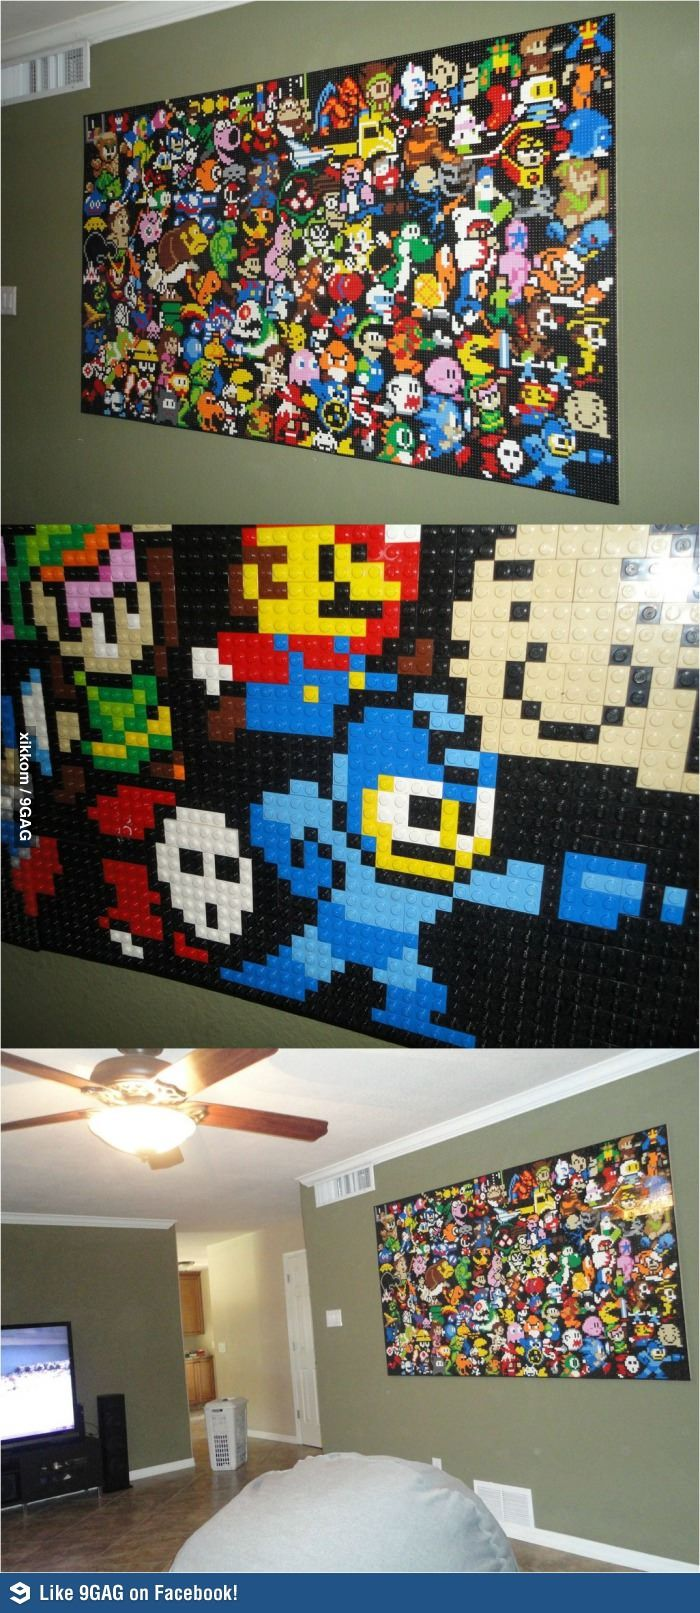 best 25 lego wall ideas on pinterest lego boys rooms lego best 25 lego wall ideas on pinterest lego boys rooms lego boards and lego lego